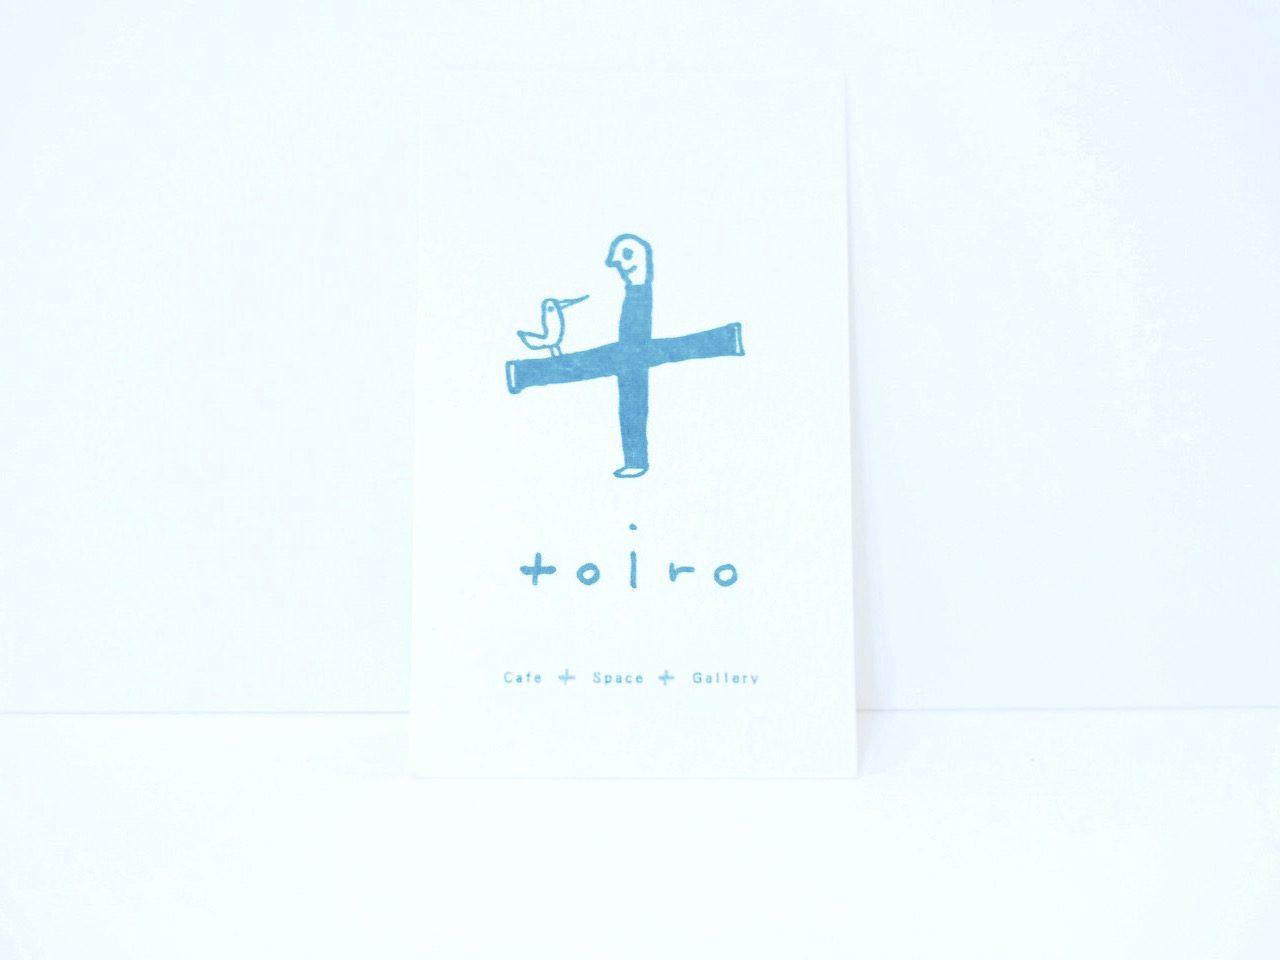 toiro(トイロ)という神戸にあるカフェ・ギャラリースペースのカード